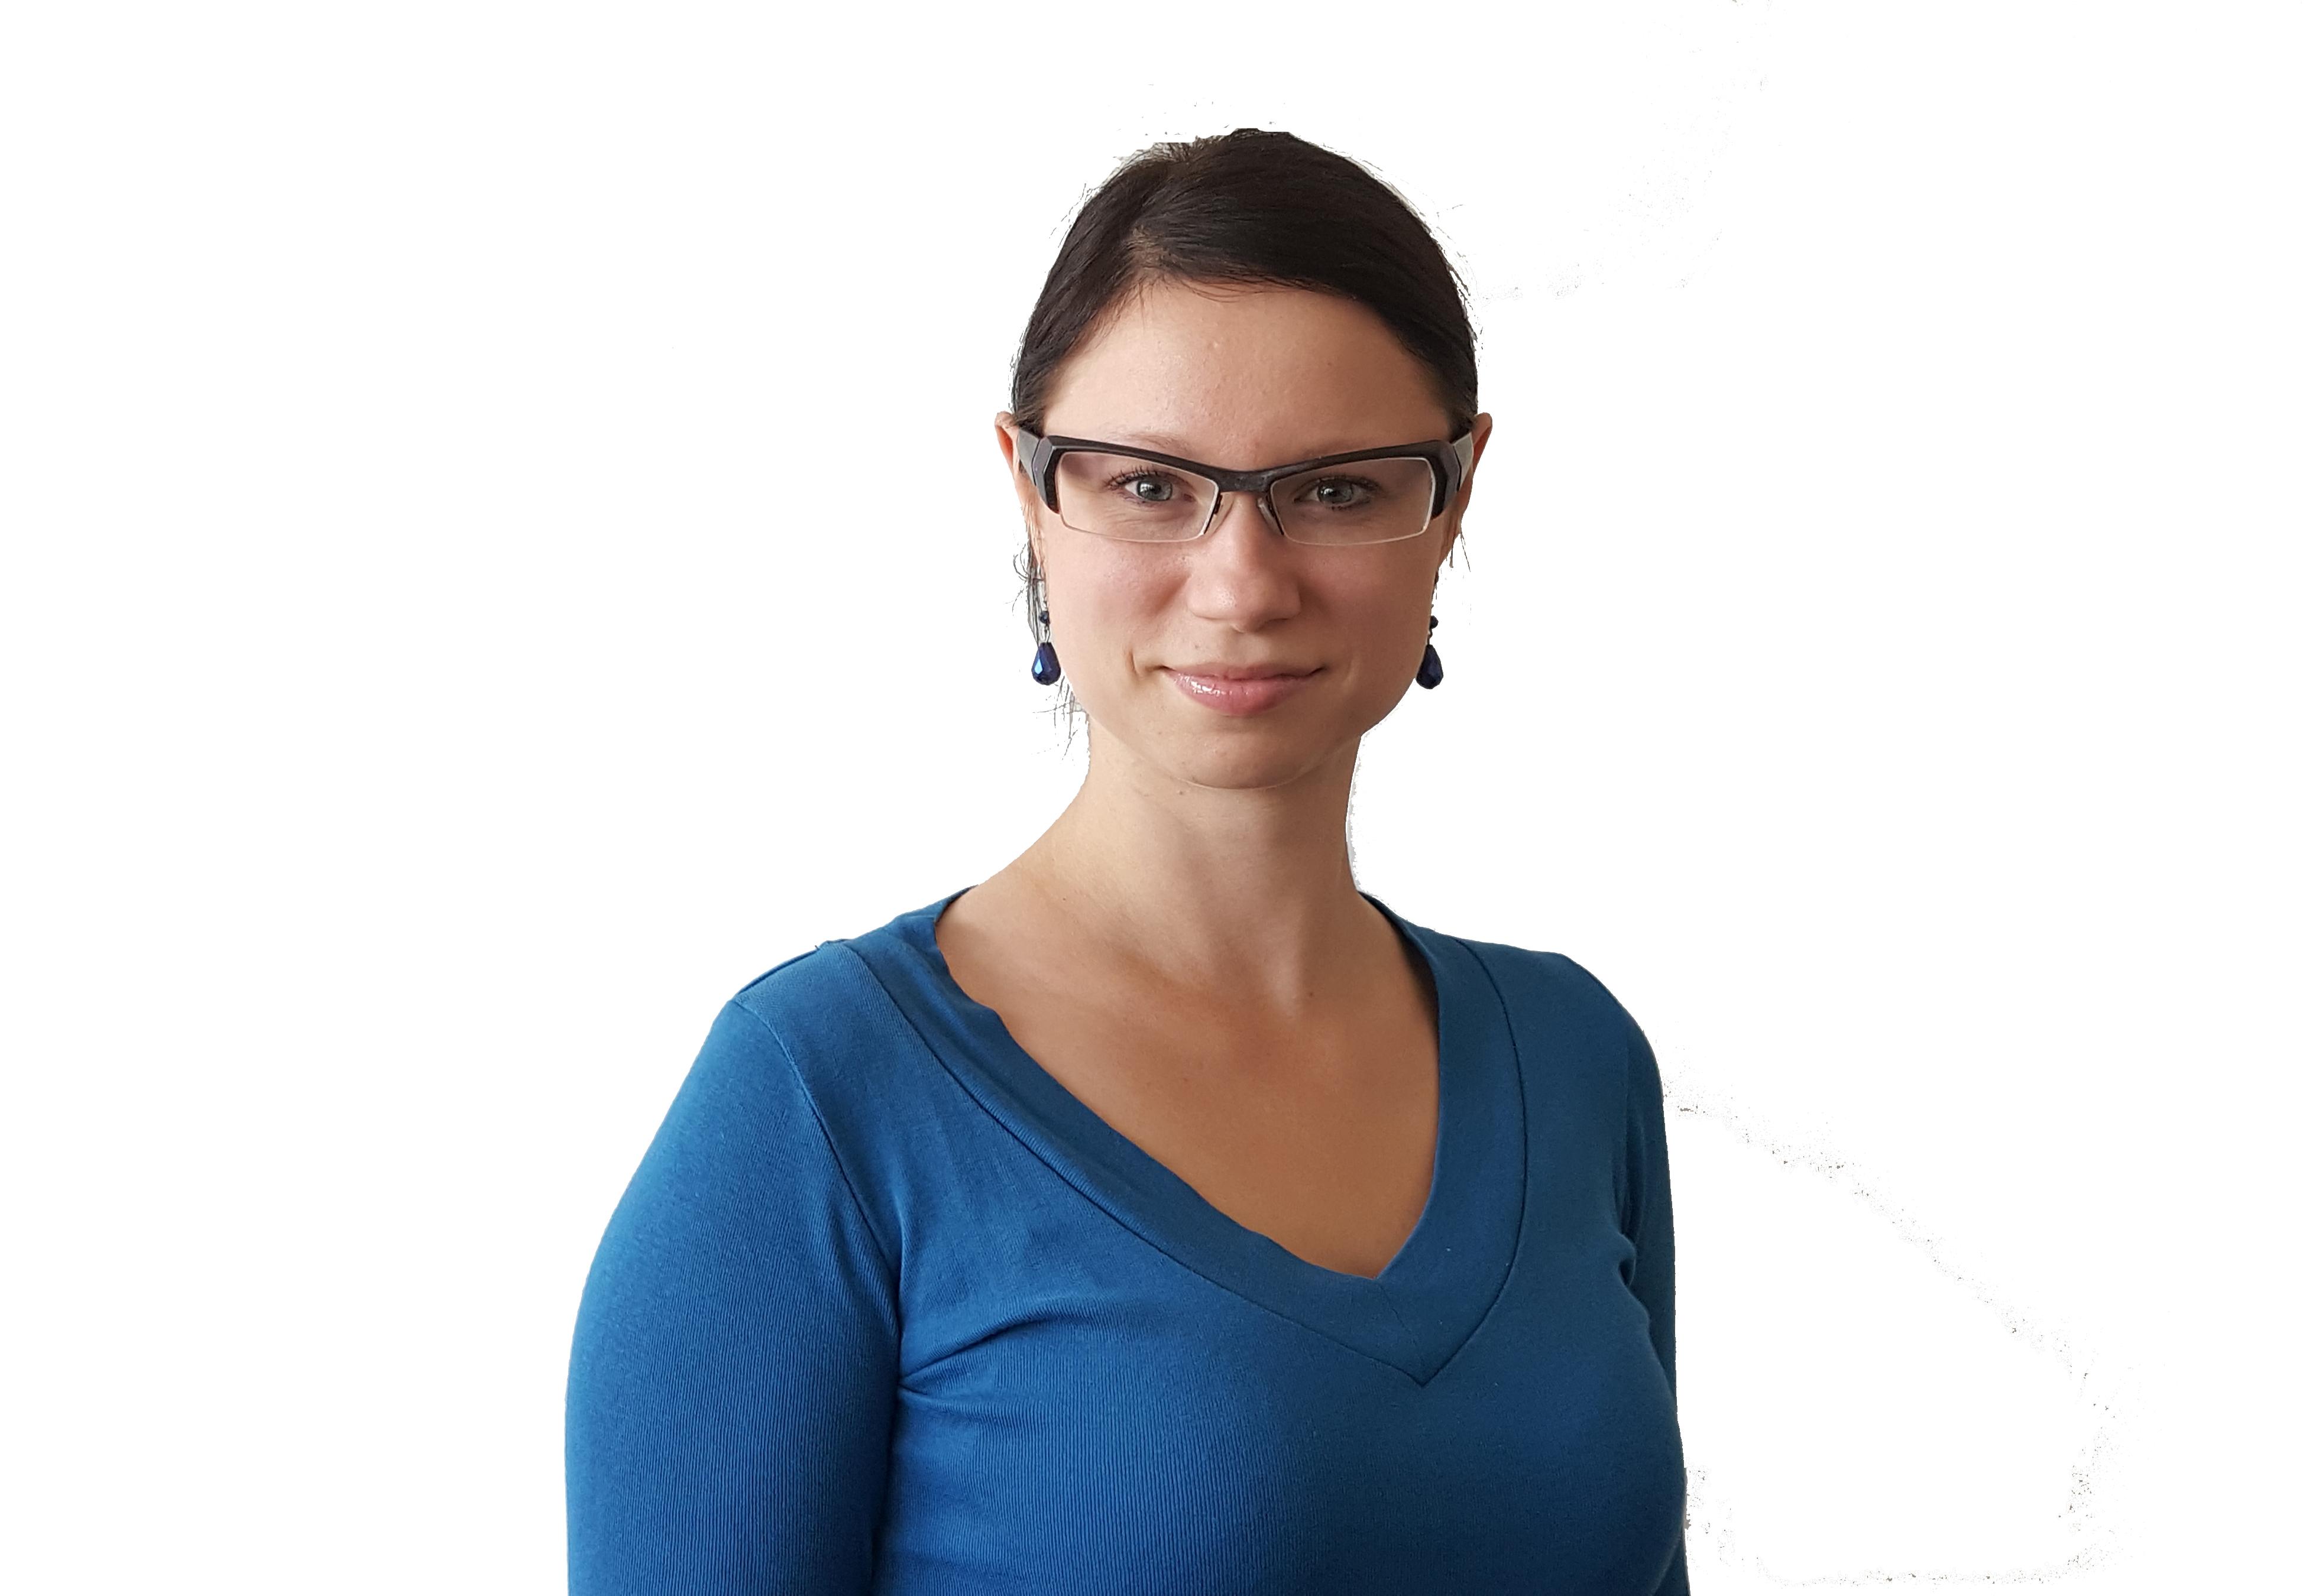 Bc. Michaela Hájková